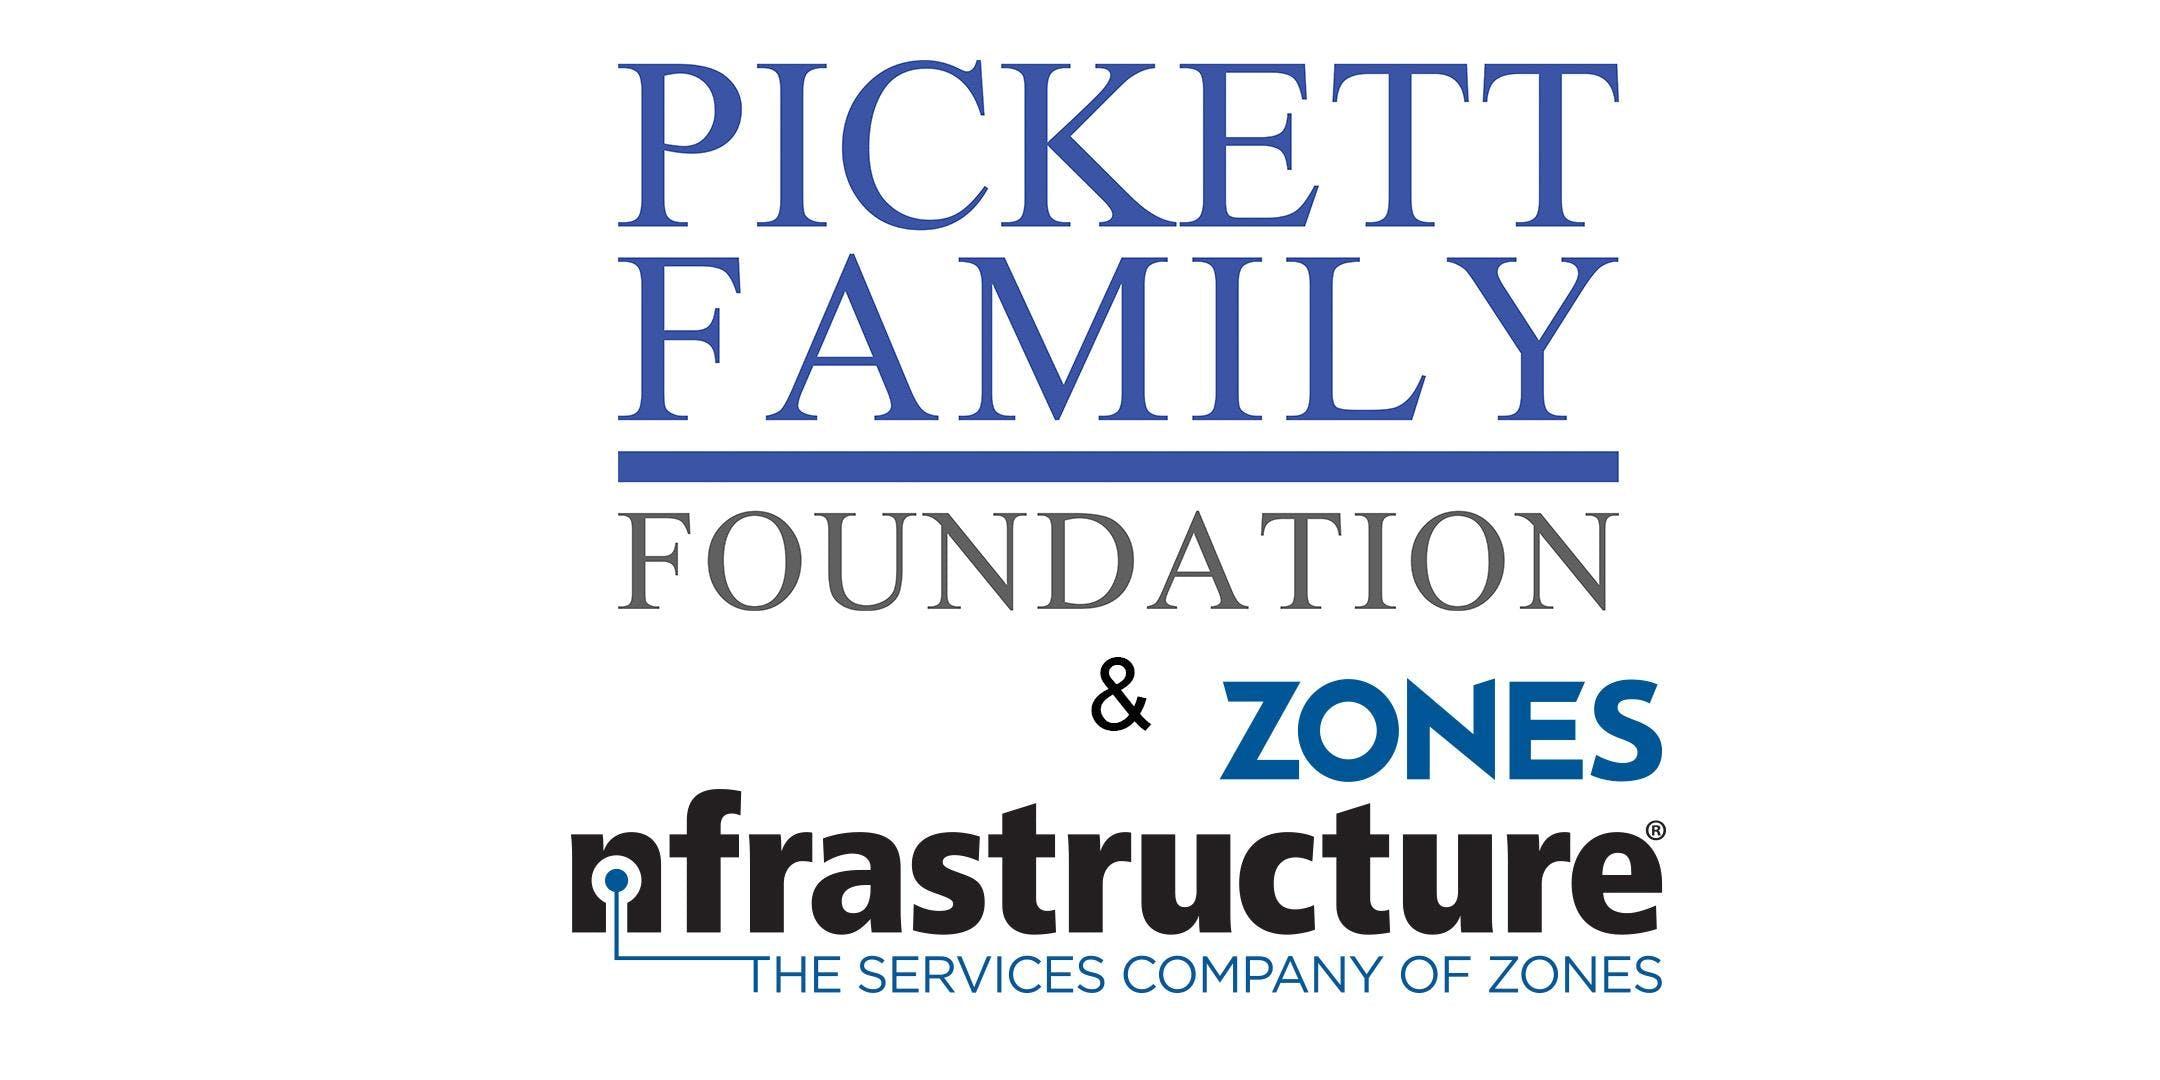 Pickett Family Foundation & Zones nfrastructu